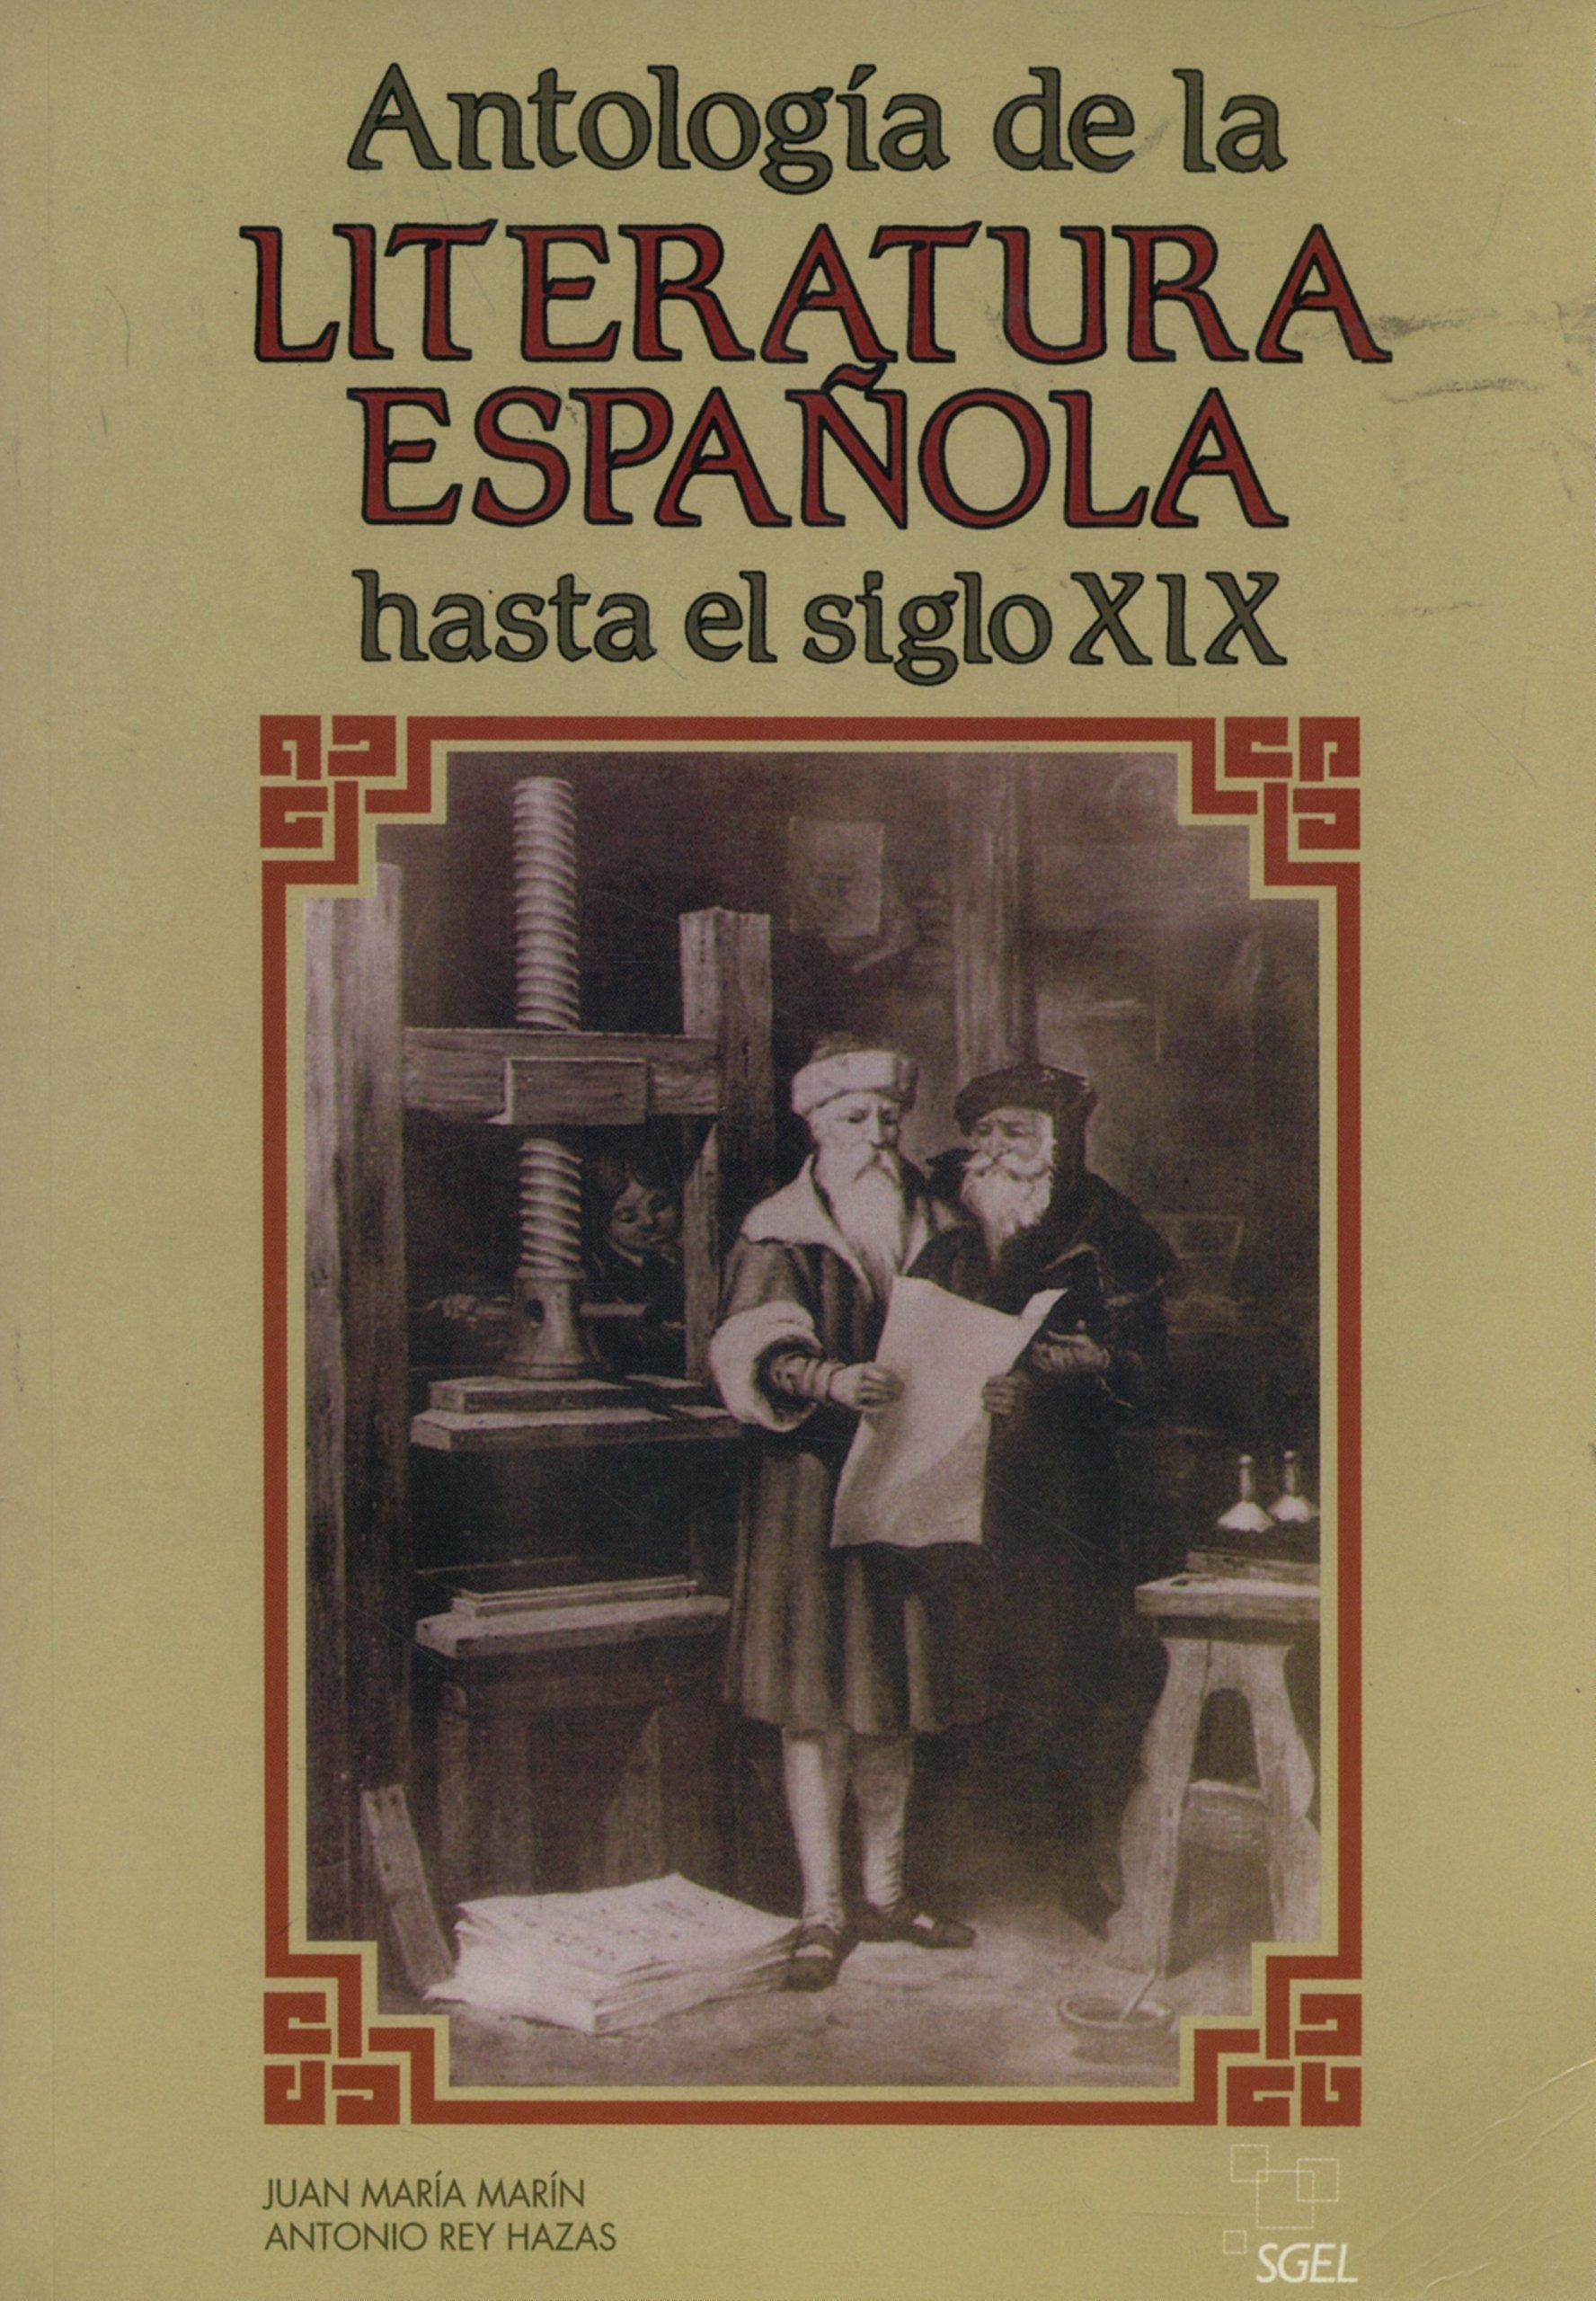 Antología de la literatura española hasta el siglo XIX: Amazon.es: Marín, Juan María, Rey Hazas, Antonio: Libros